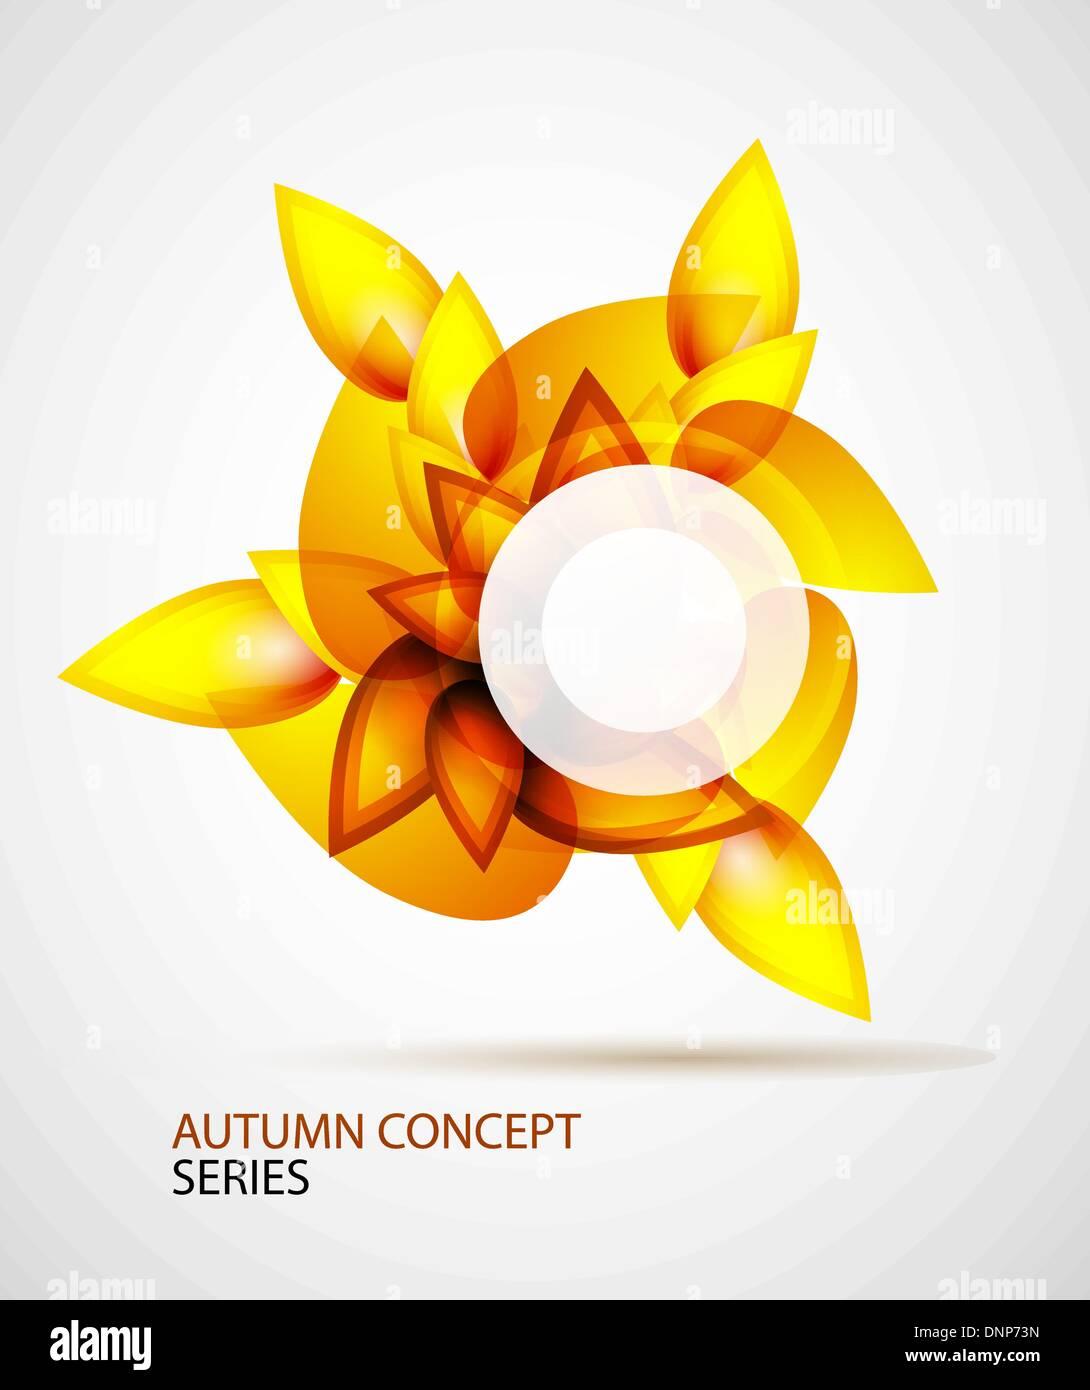 Vettore autunno astratto concetto fatta di foglie di colore arancione Immagini Stock